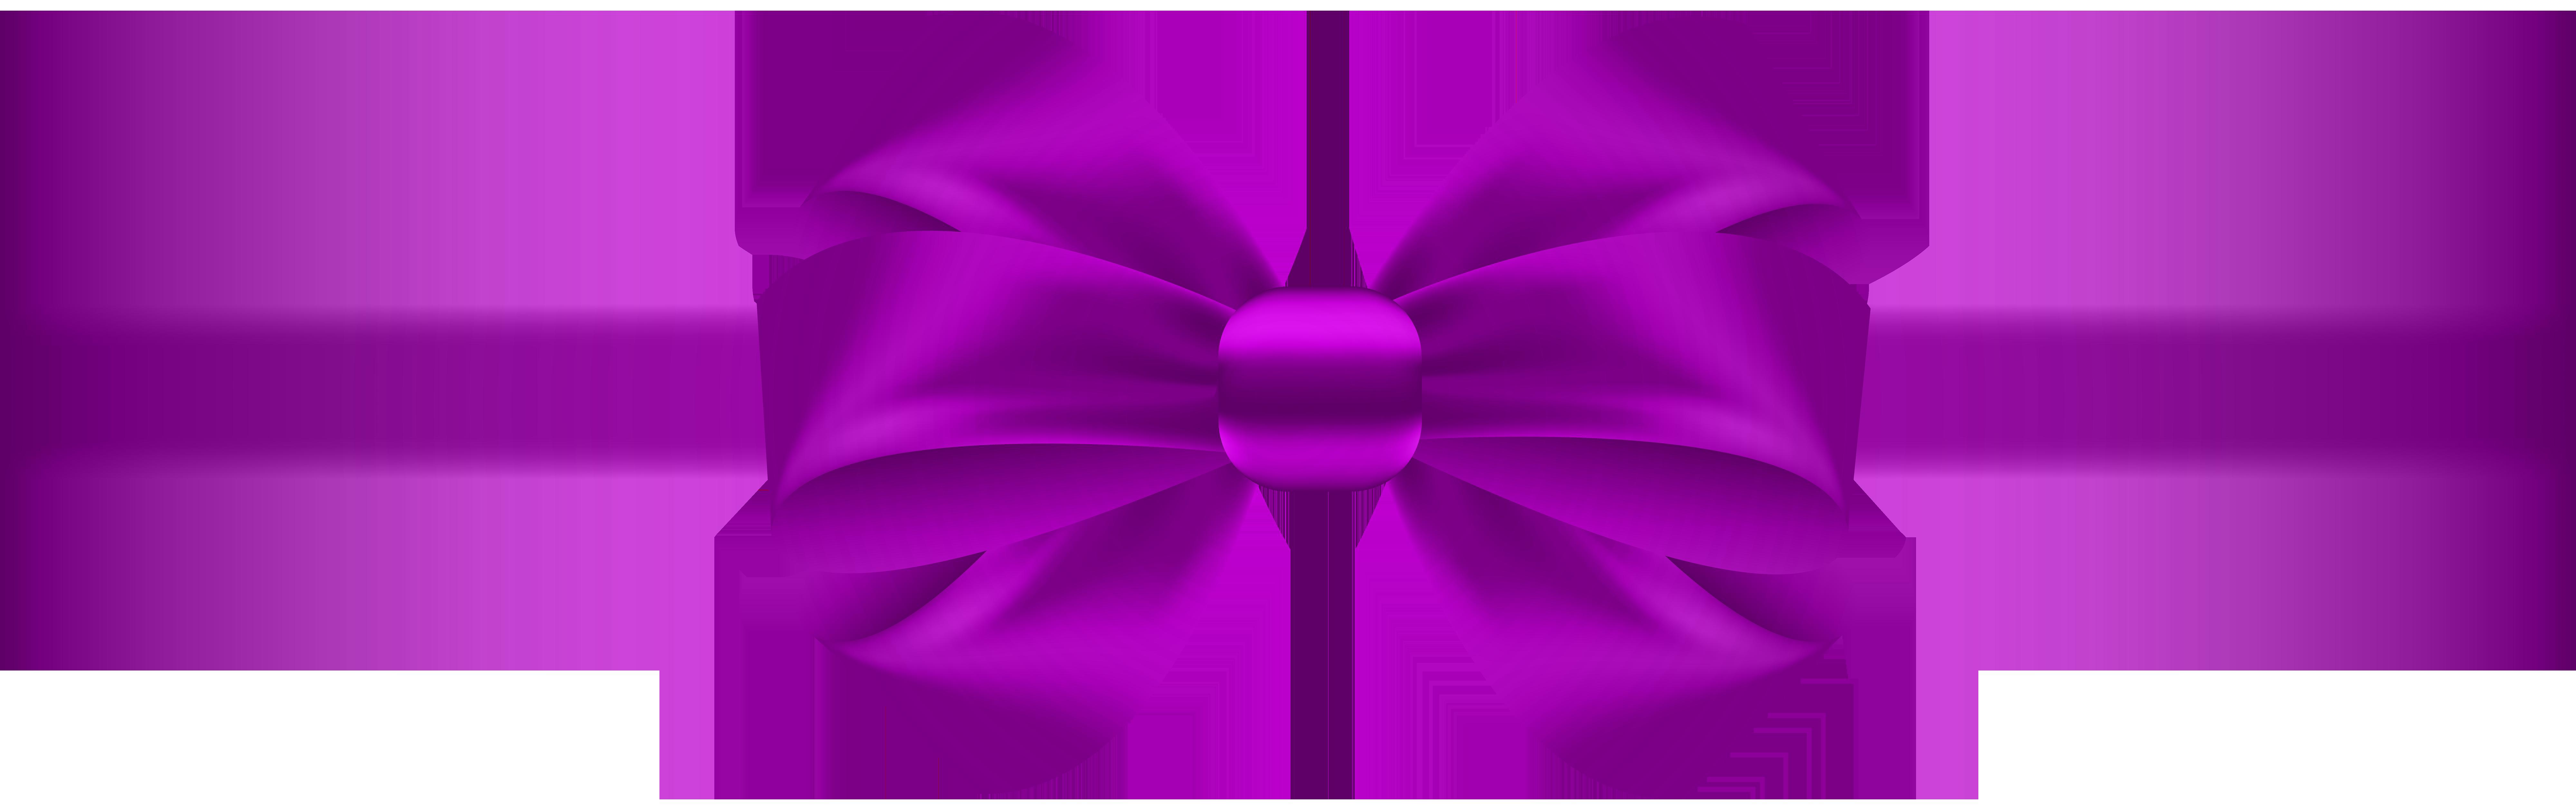 Dot clipart black hair bow. Purple transparent png clip